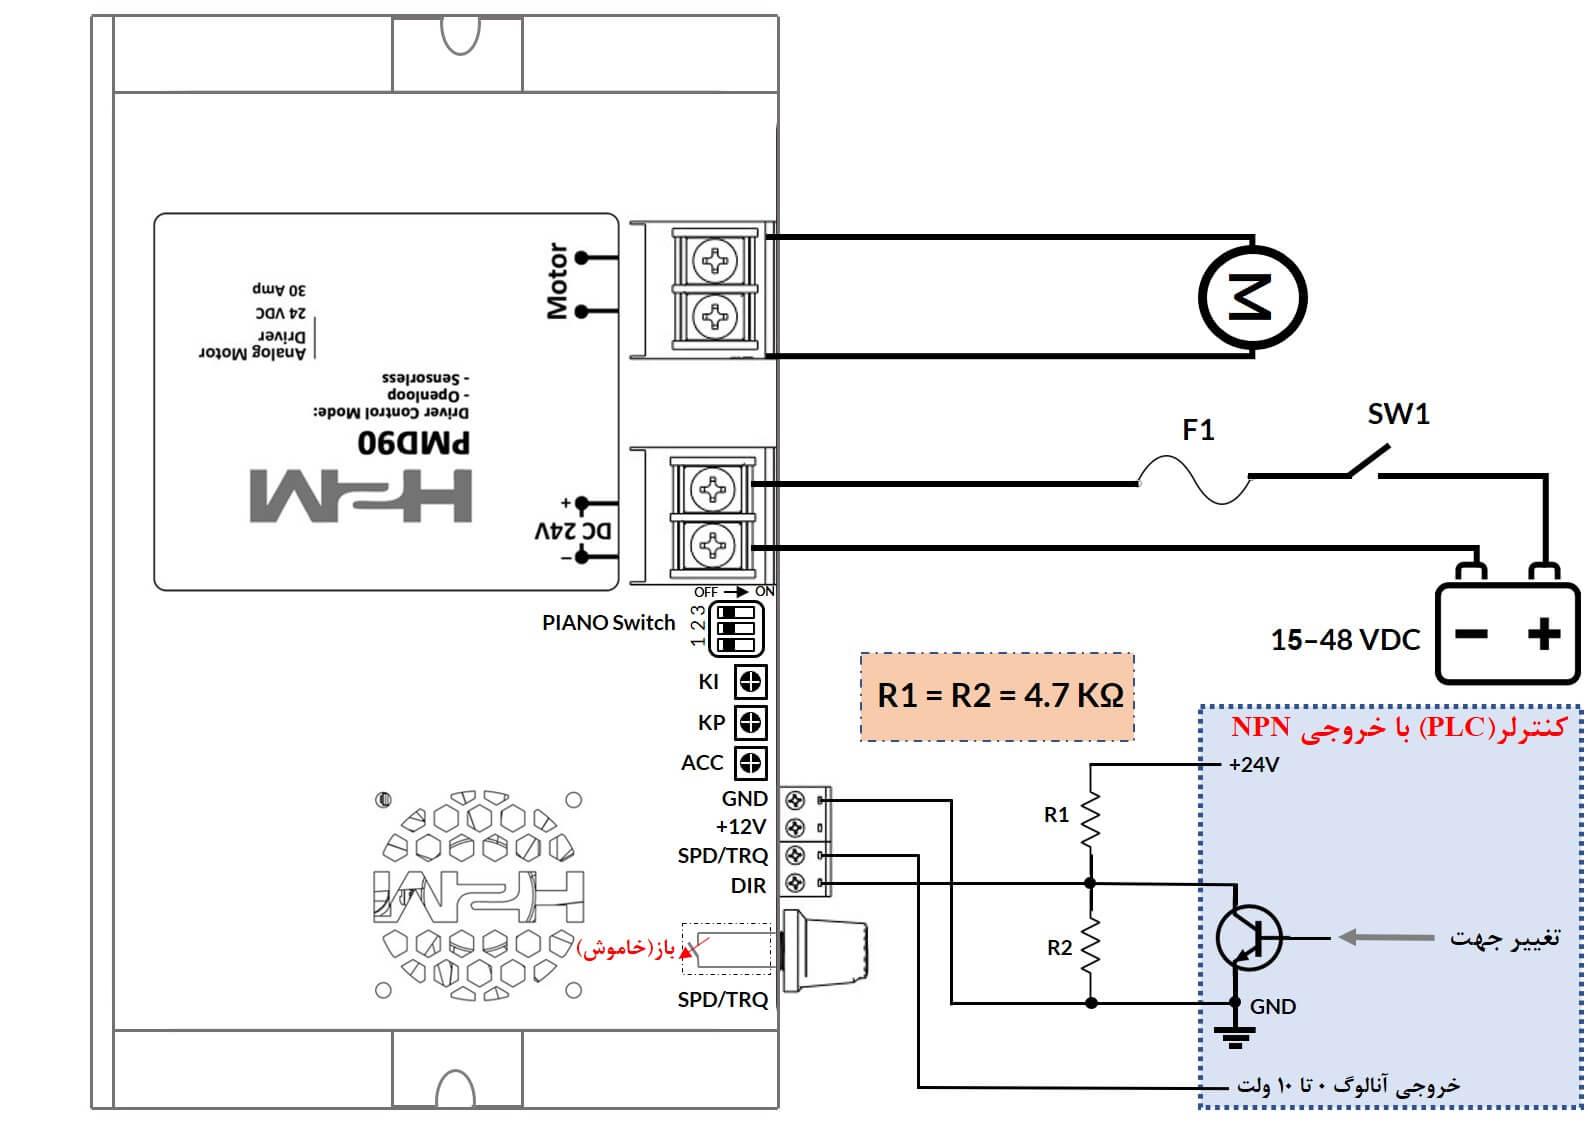 راه اندازی درایور PMD90 با خروجی NPN با ولتاژ آنالوگ 0 تا 10 ولت - شکل ۱۰) راه اندازی درایور با کنترلر (PLC) با خروجی NPN